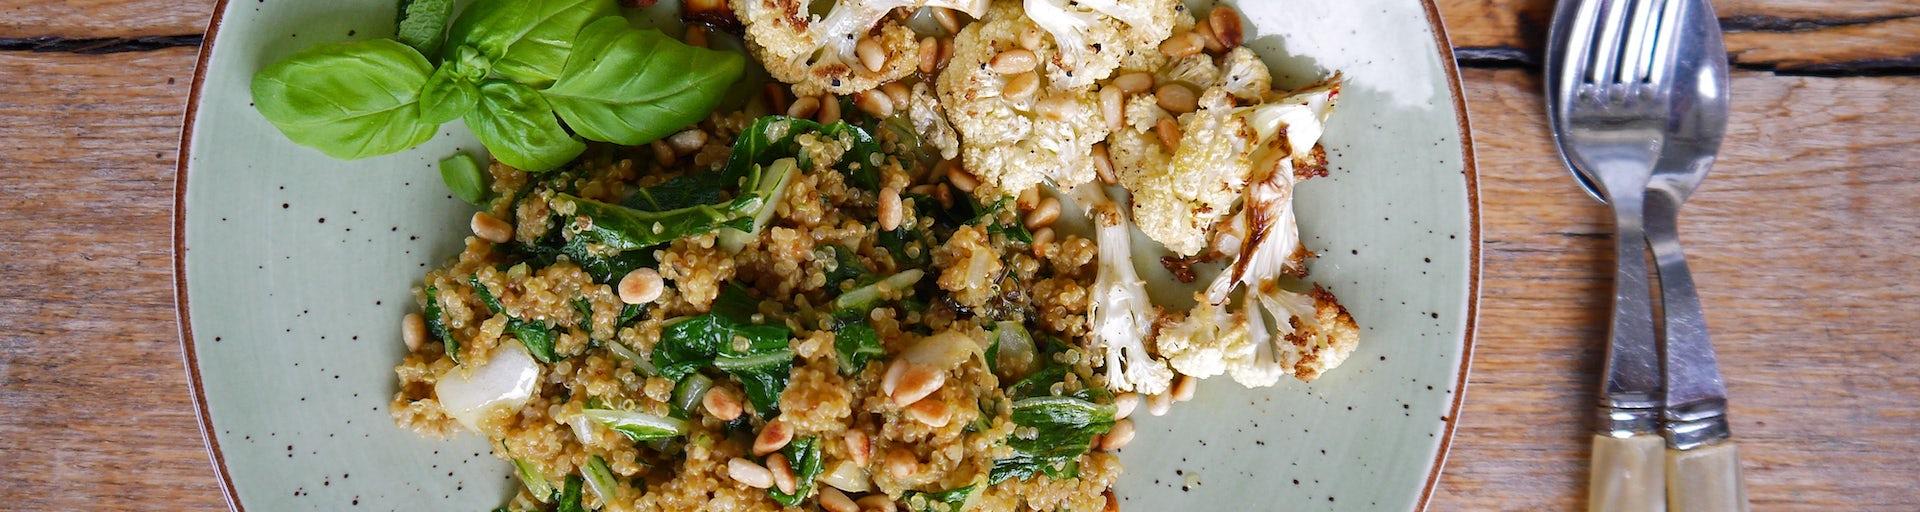 3190 Quinoa Met Geroosterde Bloemkool Snijbiet En Kokosmelk